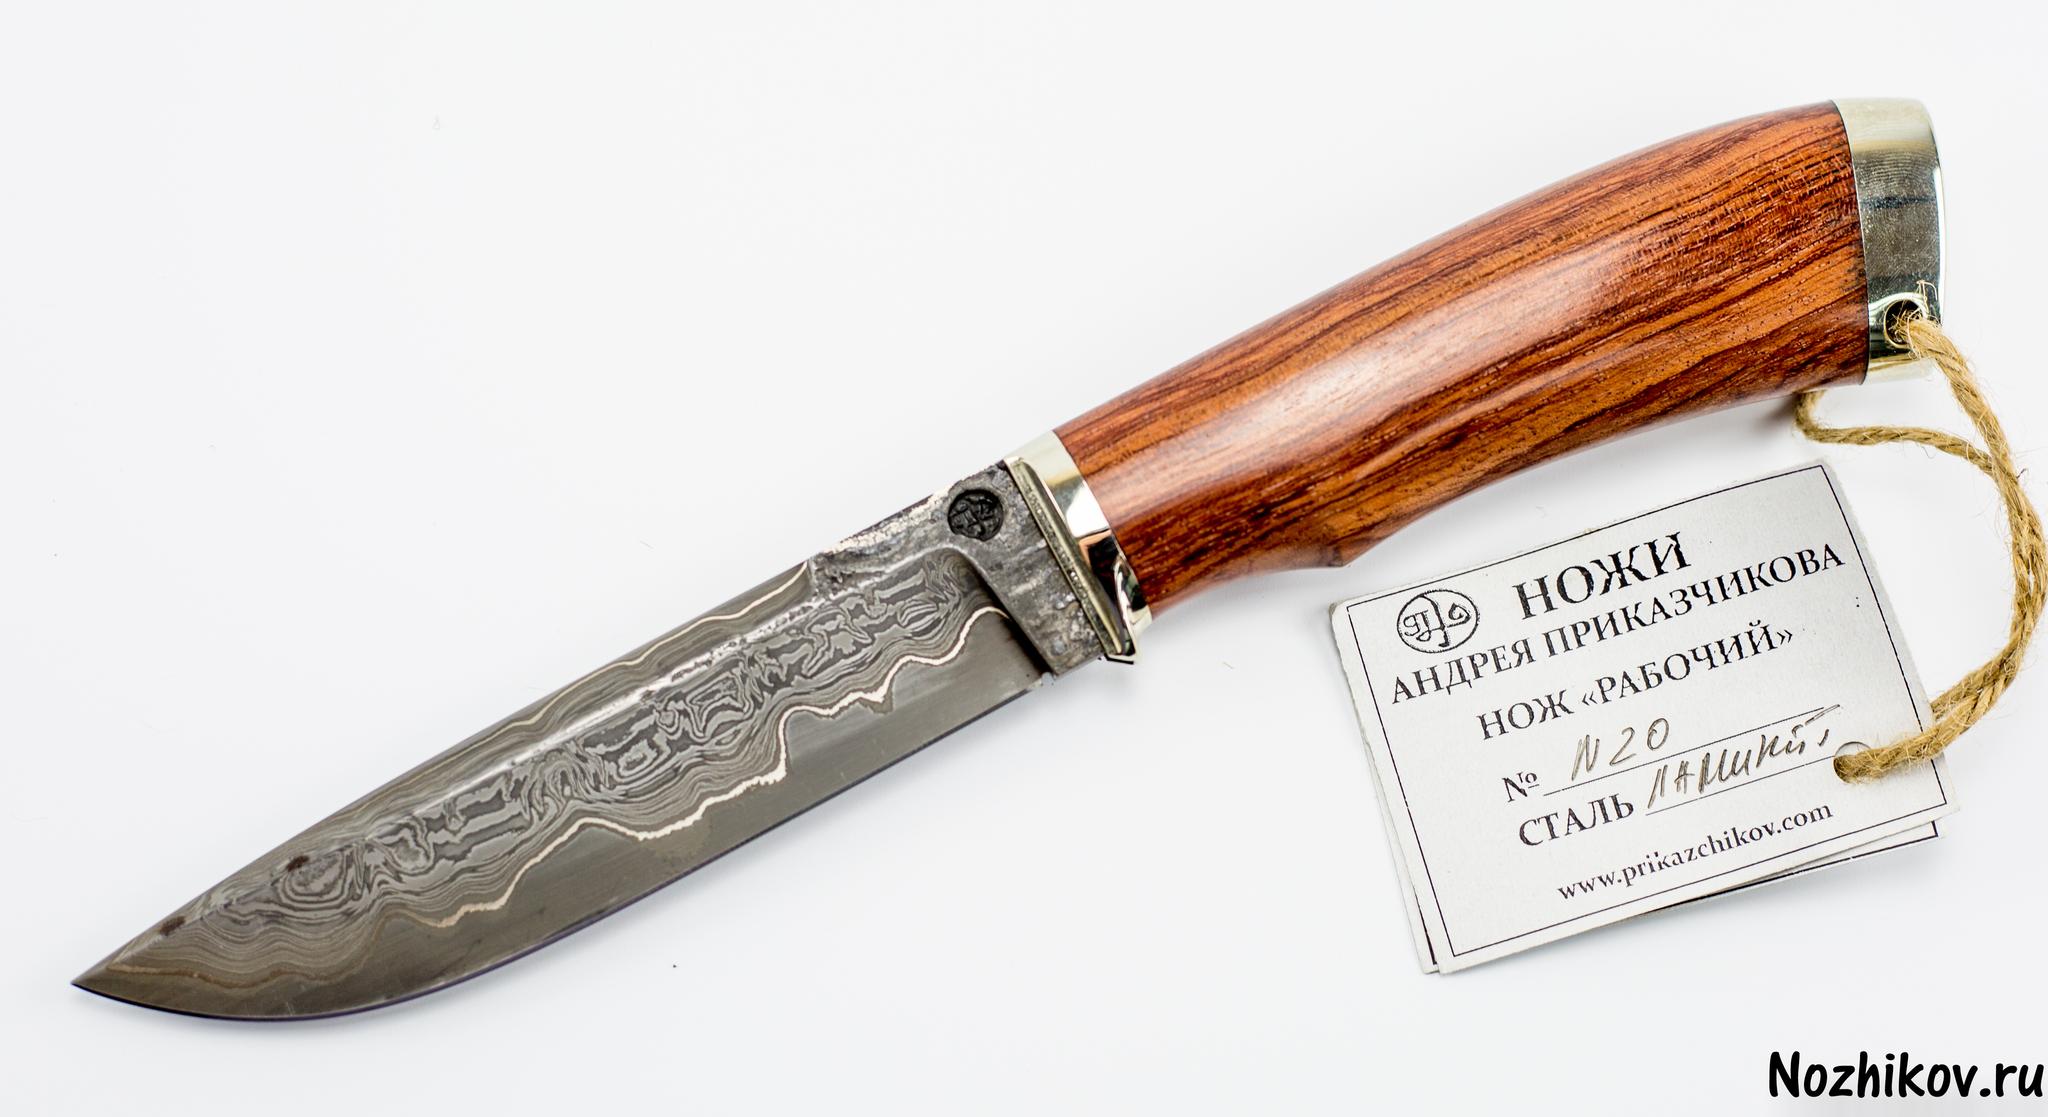 Нож Рабочий №20 из Ламината, от Приказчикова цена